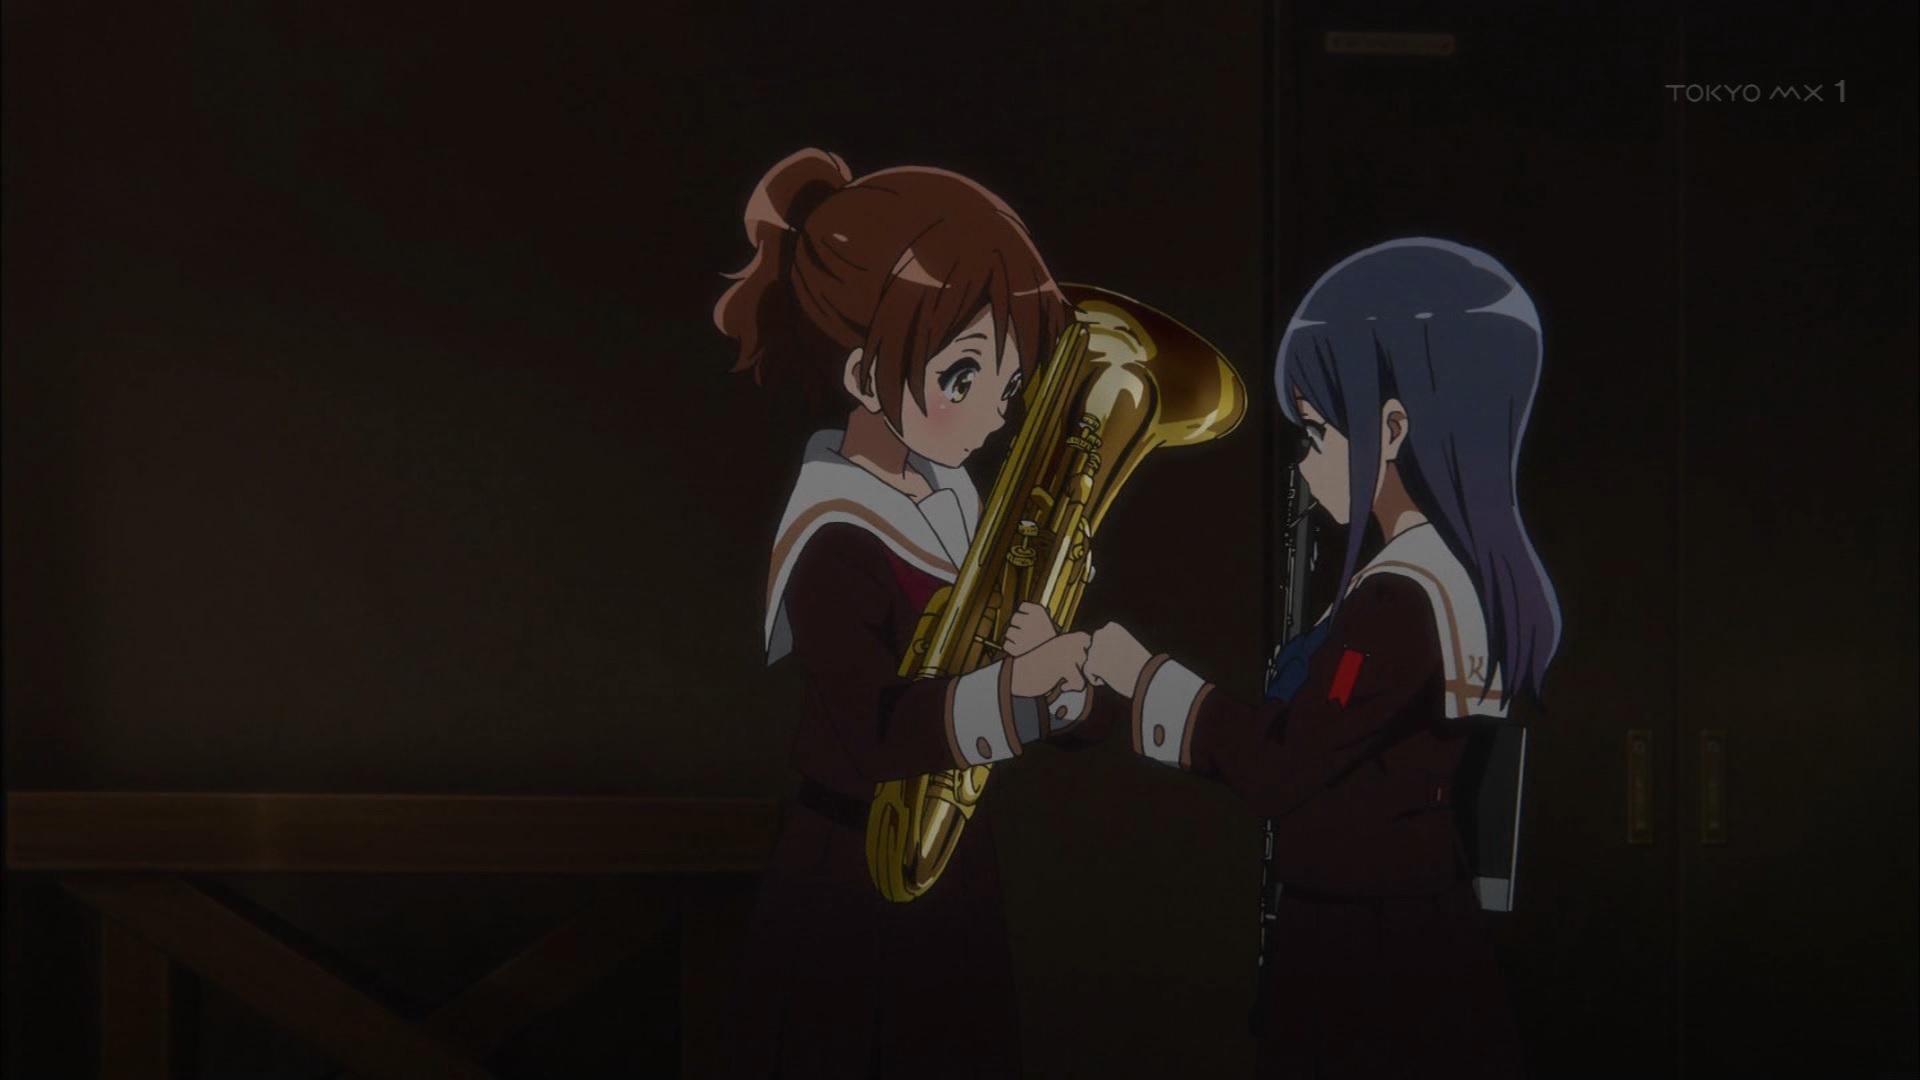 黄前久美子と鎧塚みぞれのグータッチ(第12話画像)